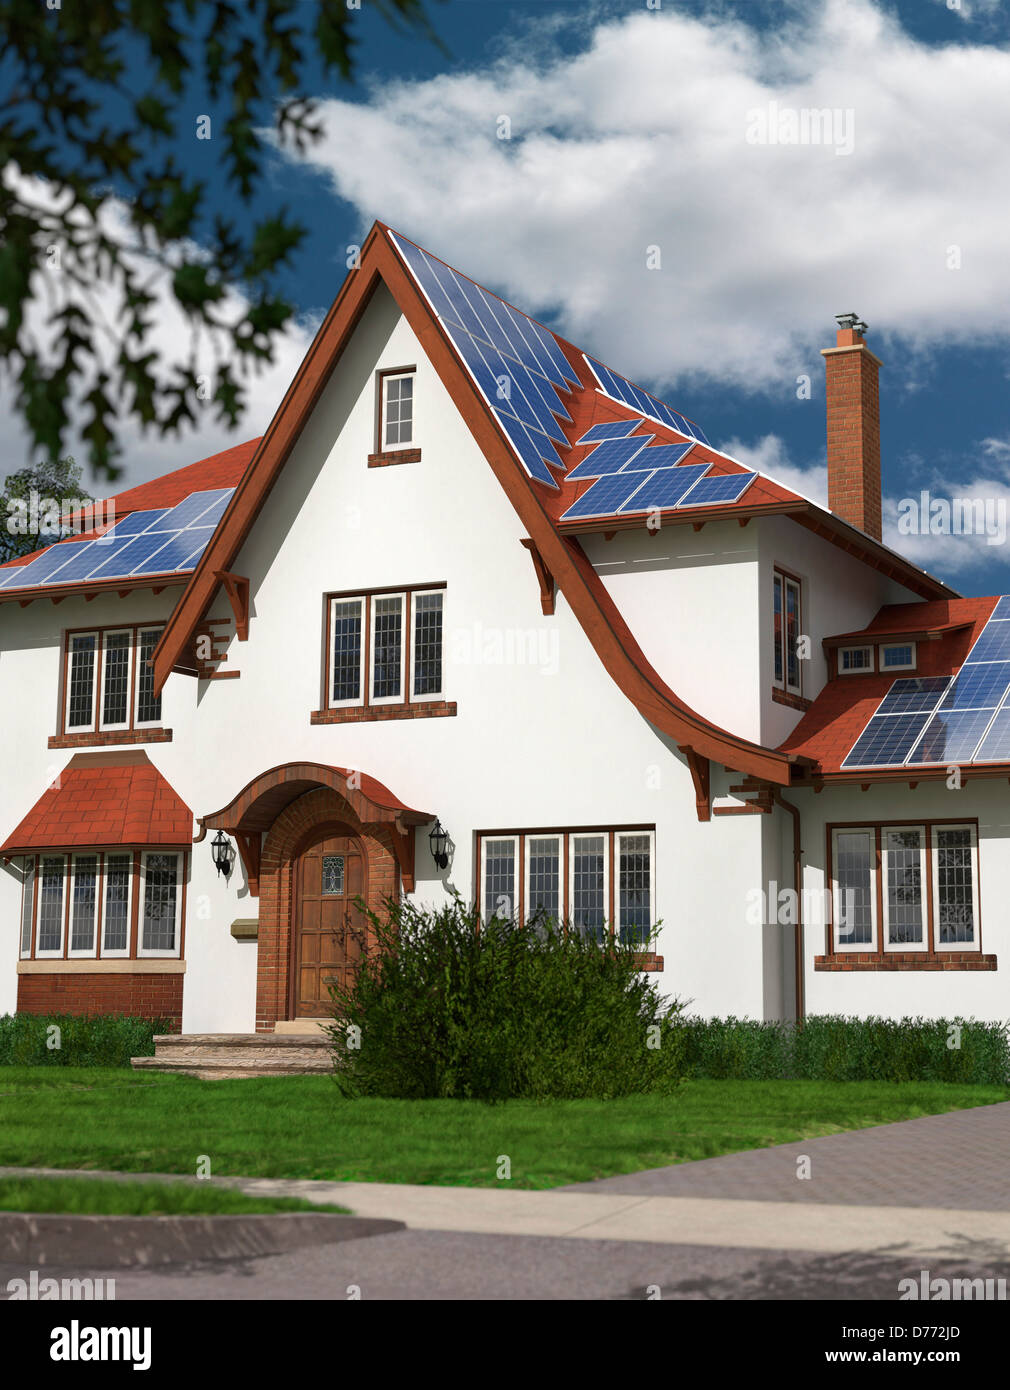 Maison Individuelle Maison de famille avec des panneaux solaires sur le toit alimentés par l'énergie Photo Stock